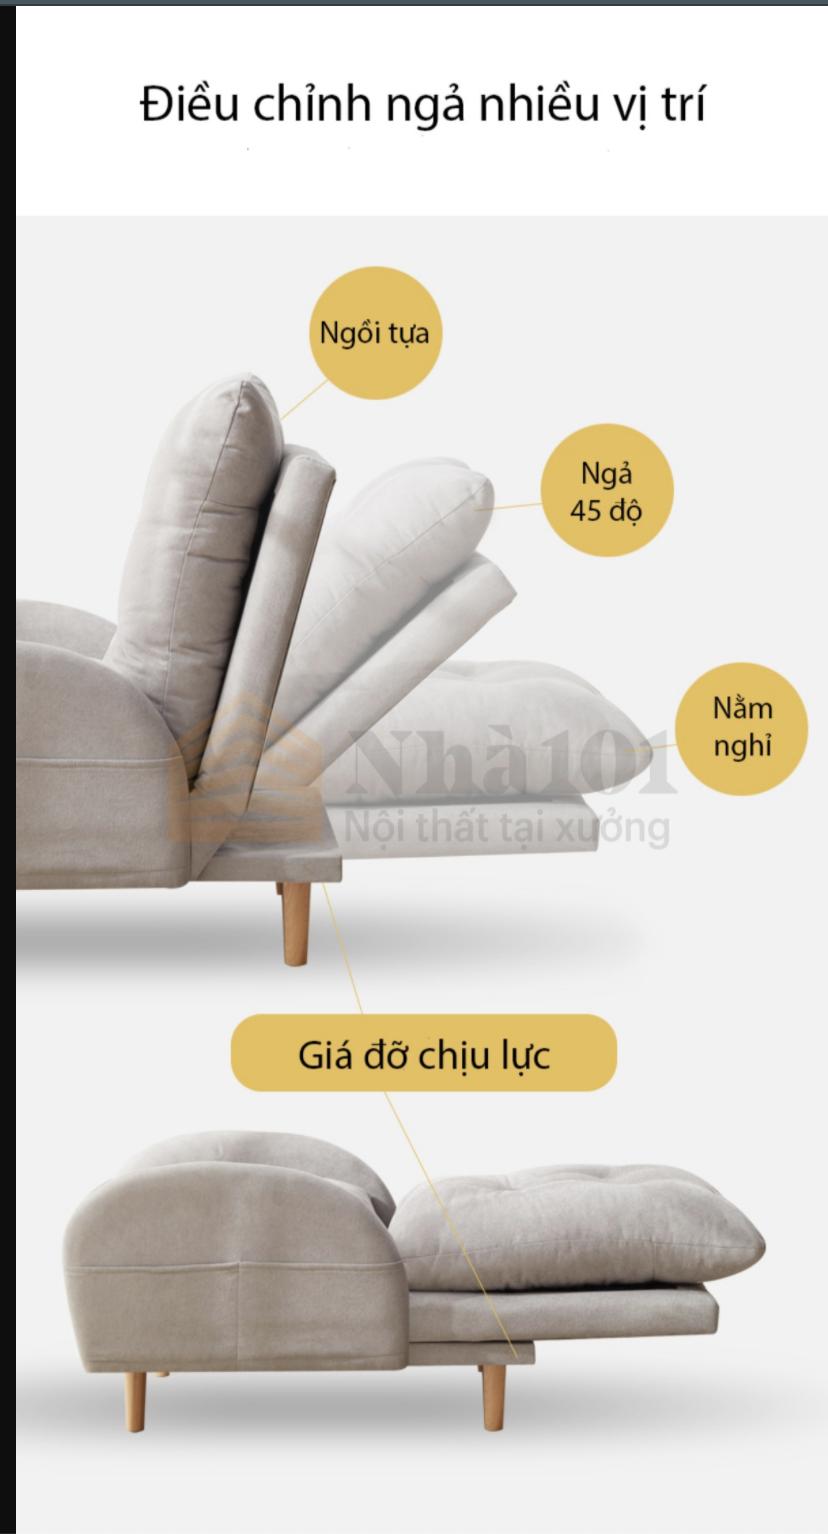 Ghế Bed Lười, Giường Lười, Ghế bed lười tiện nghi 1